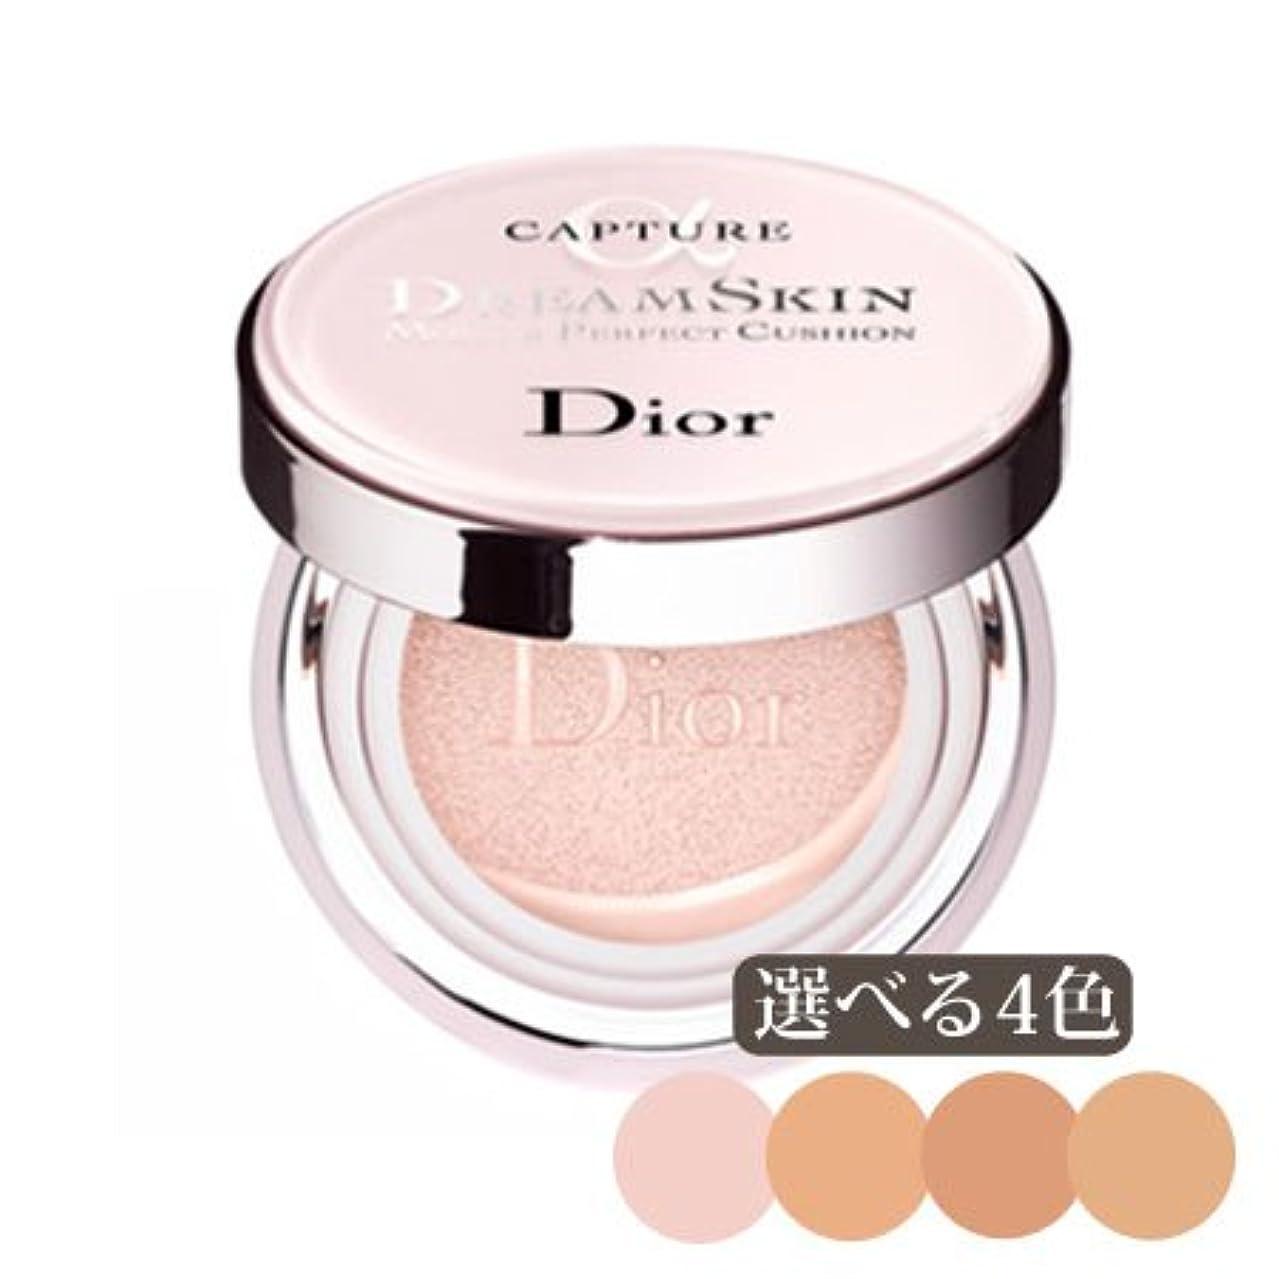 驚ラフト高齢者ディオール カプチュール ドリームスキン モイスト クッション 選べる4色 -Dior- 012